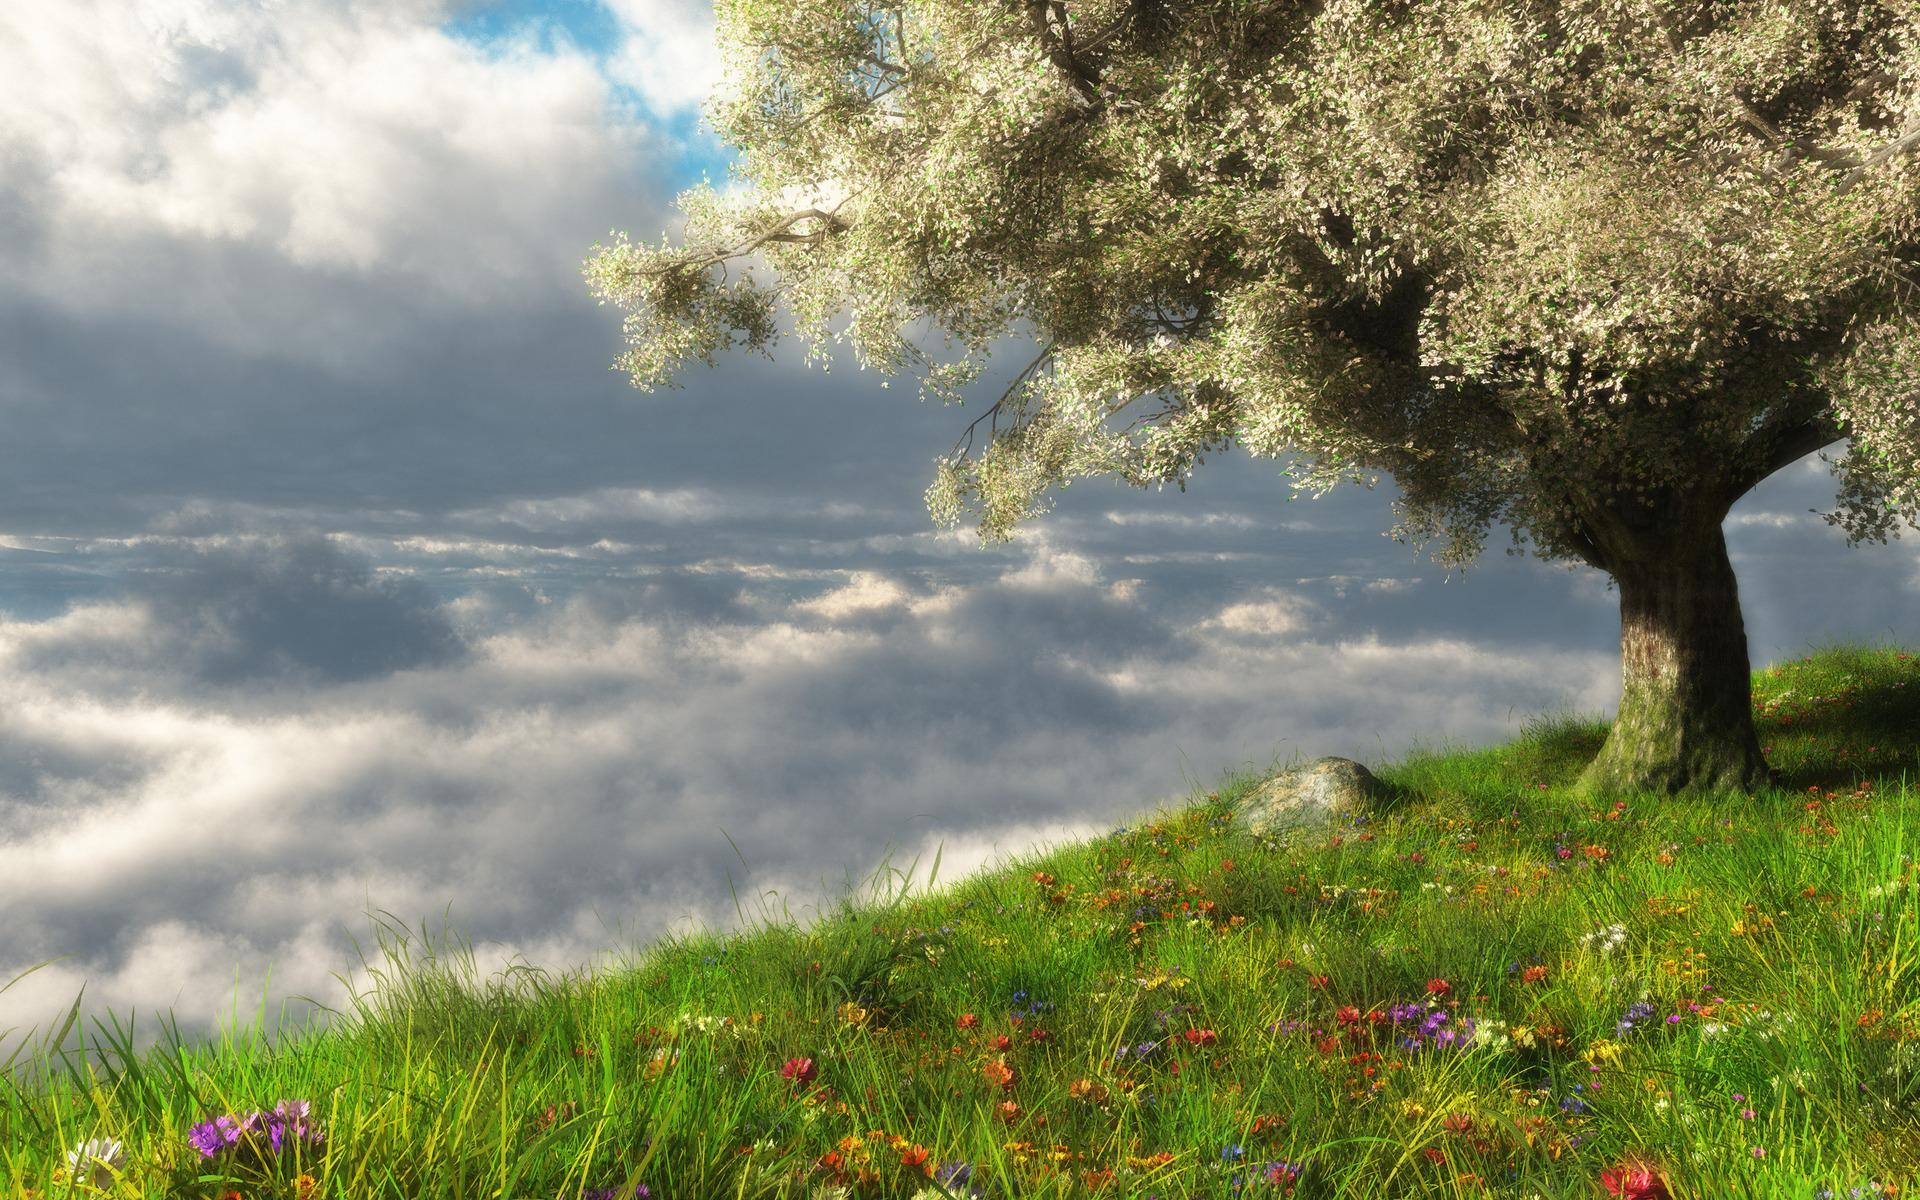 11361 скачать обои Пейзаж, Деревья, Трава - заставки и картинки бесплатно